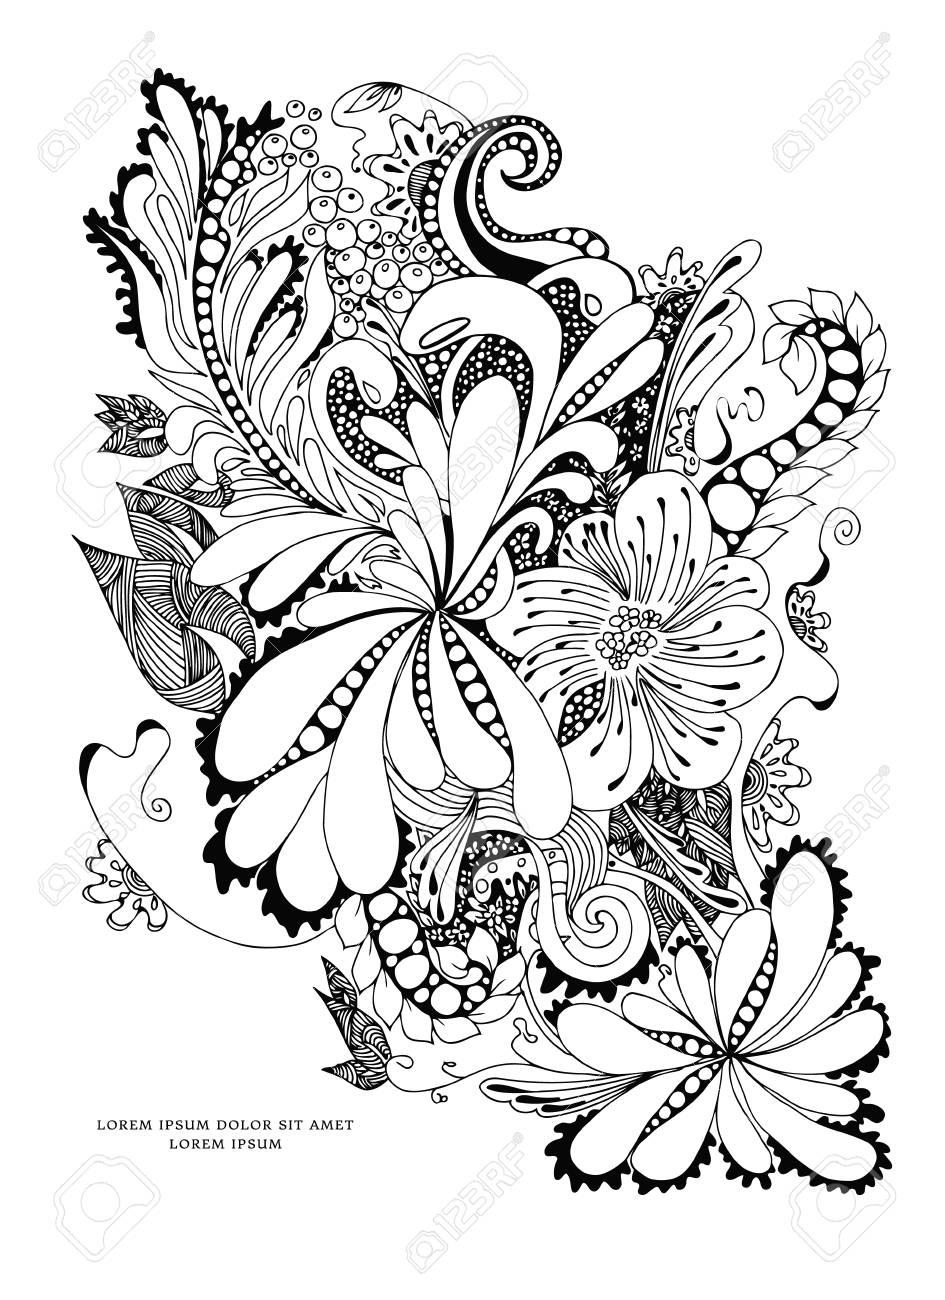 Ilustración De Flores Y Negro Blanco. Libros Para Colorear Para ...